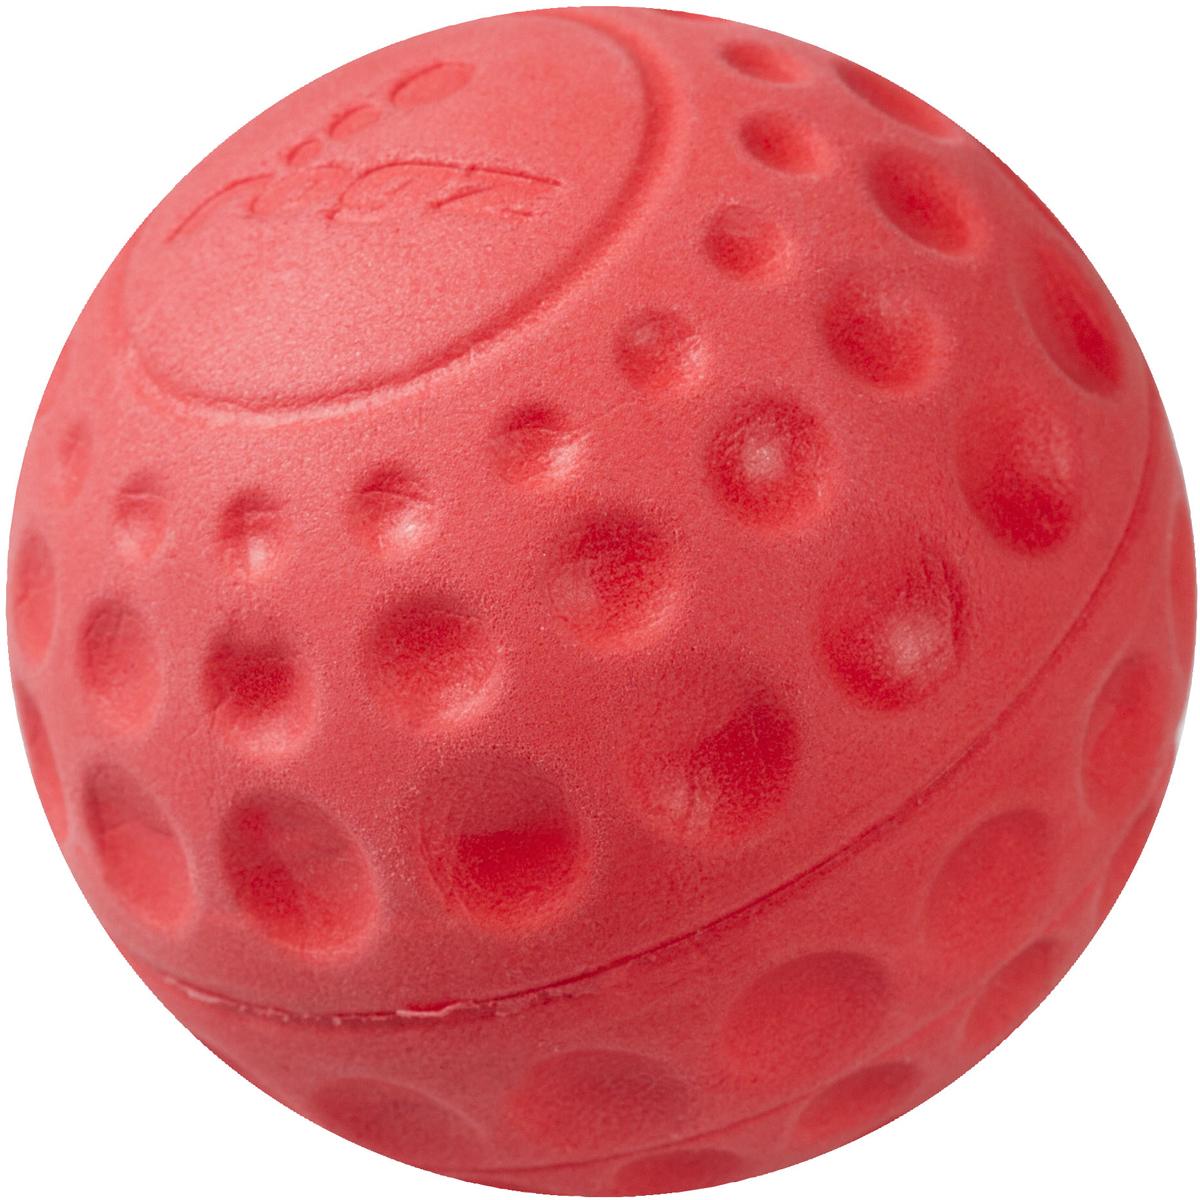 Игрушка для собак Rogz Asteroidz, цвет: красный, диаметр 6,4 смAS02CМяч для собак Rogz Asteroidz предназначен для игры с хозяином Принеси.Мяч имеет небольшой вес, не травмирует десны, не повреждает зубы, удобно носить в пасти.Отличная упругость для подпрыгивания.Изготовлено из особого термоэластопласта Sebs, обеспечивающего великолепную плавучесть в воде, поэтому игрушка отлично подходит для игры в водоеме. Материал изделия: EVA (этиленвинилацетат) - легкий мелкопористый материал, похожий на застывшую пену.Не токсичен.